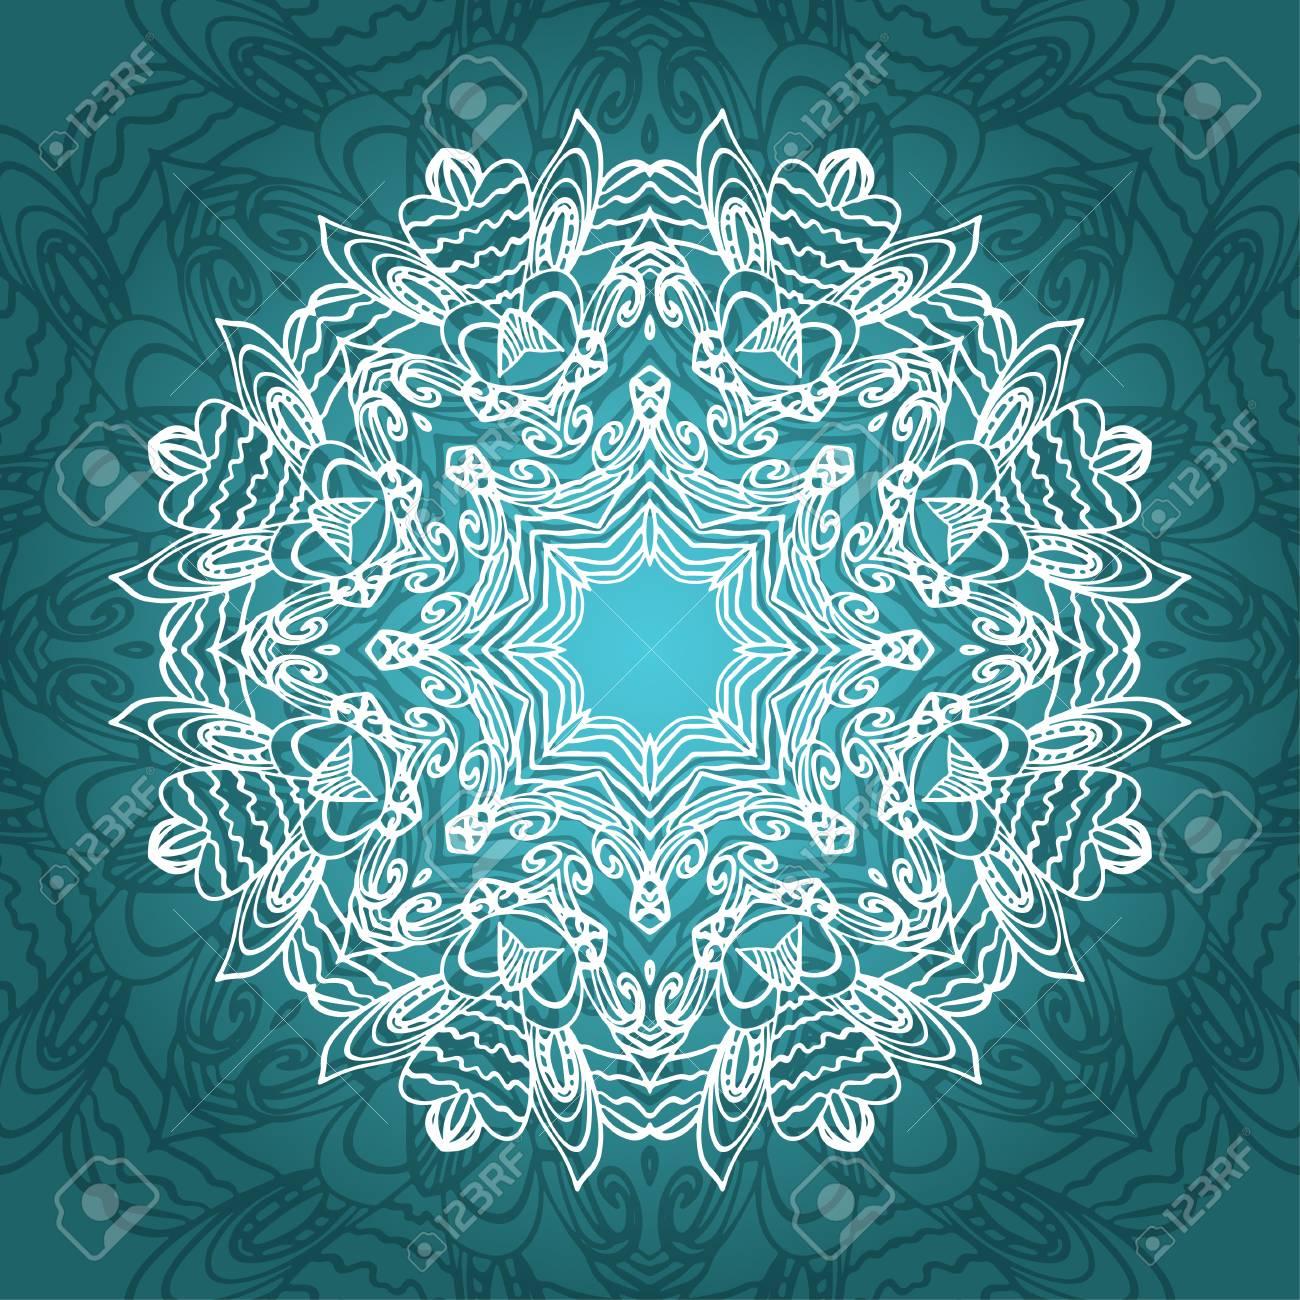 Mandala-Karte In Türkis Farben Für Hintergrund, Einladungen ...